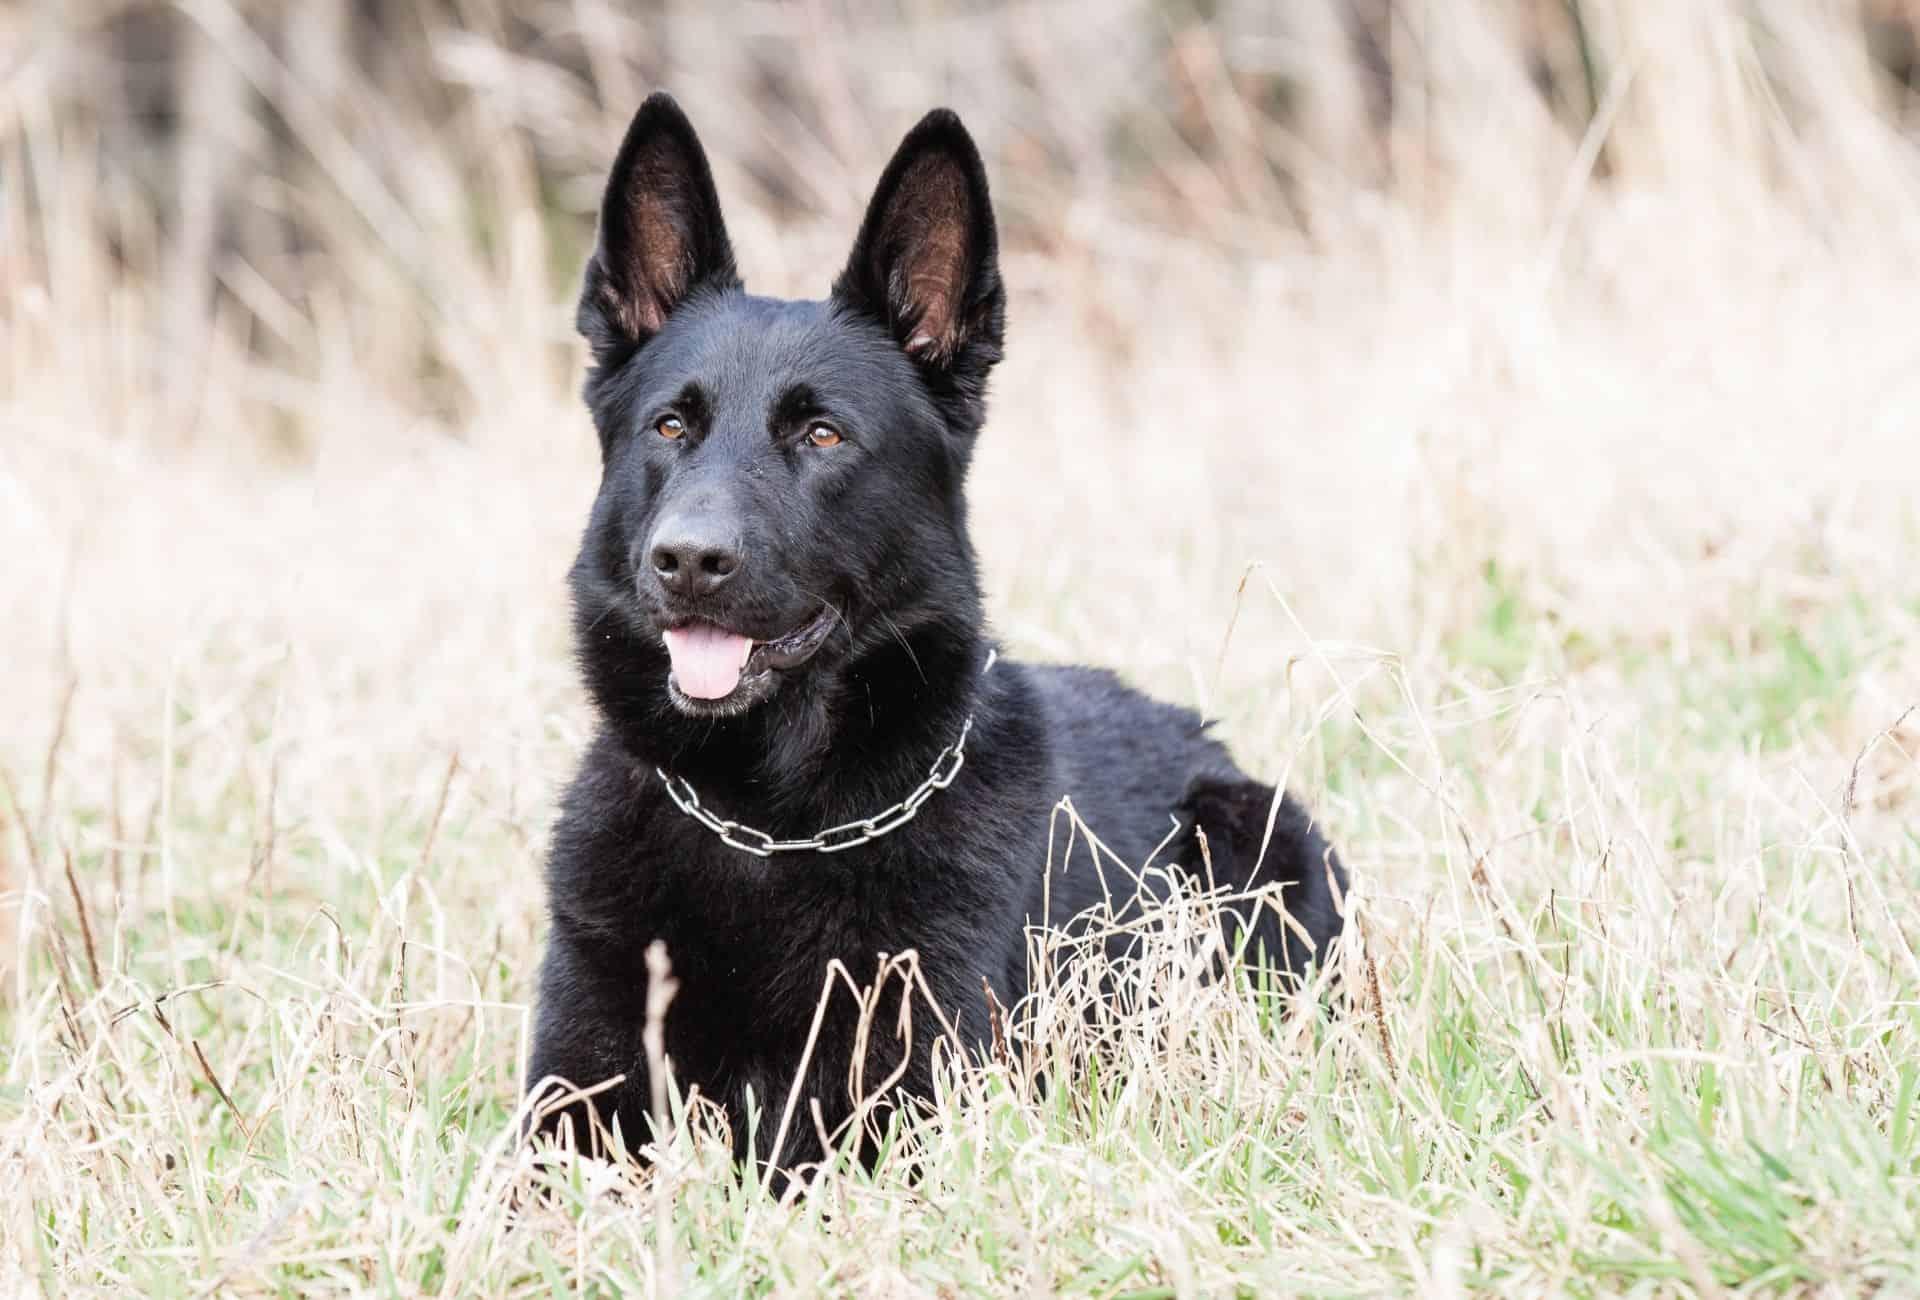 Solid black German Shepherd in the field.